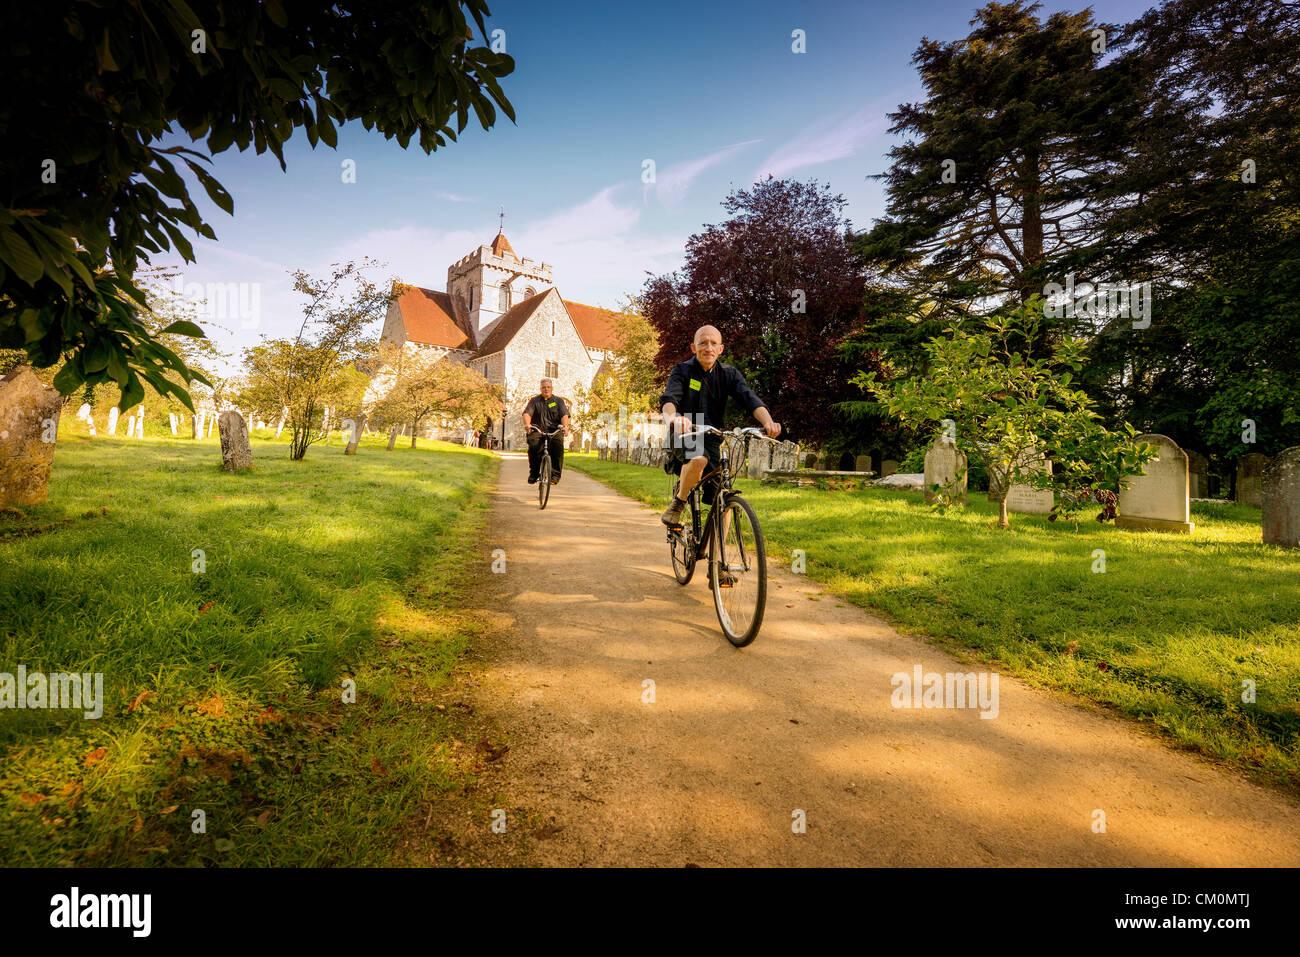 Bientôt-à-être-intronisé évêque de Chichester Martin Warner a pris hier à deux Photo Stock